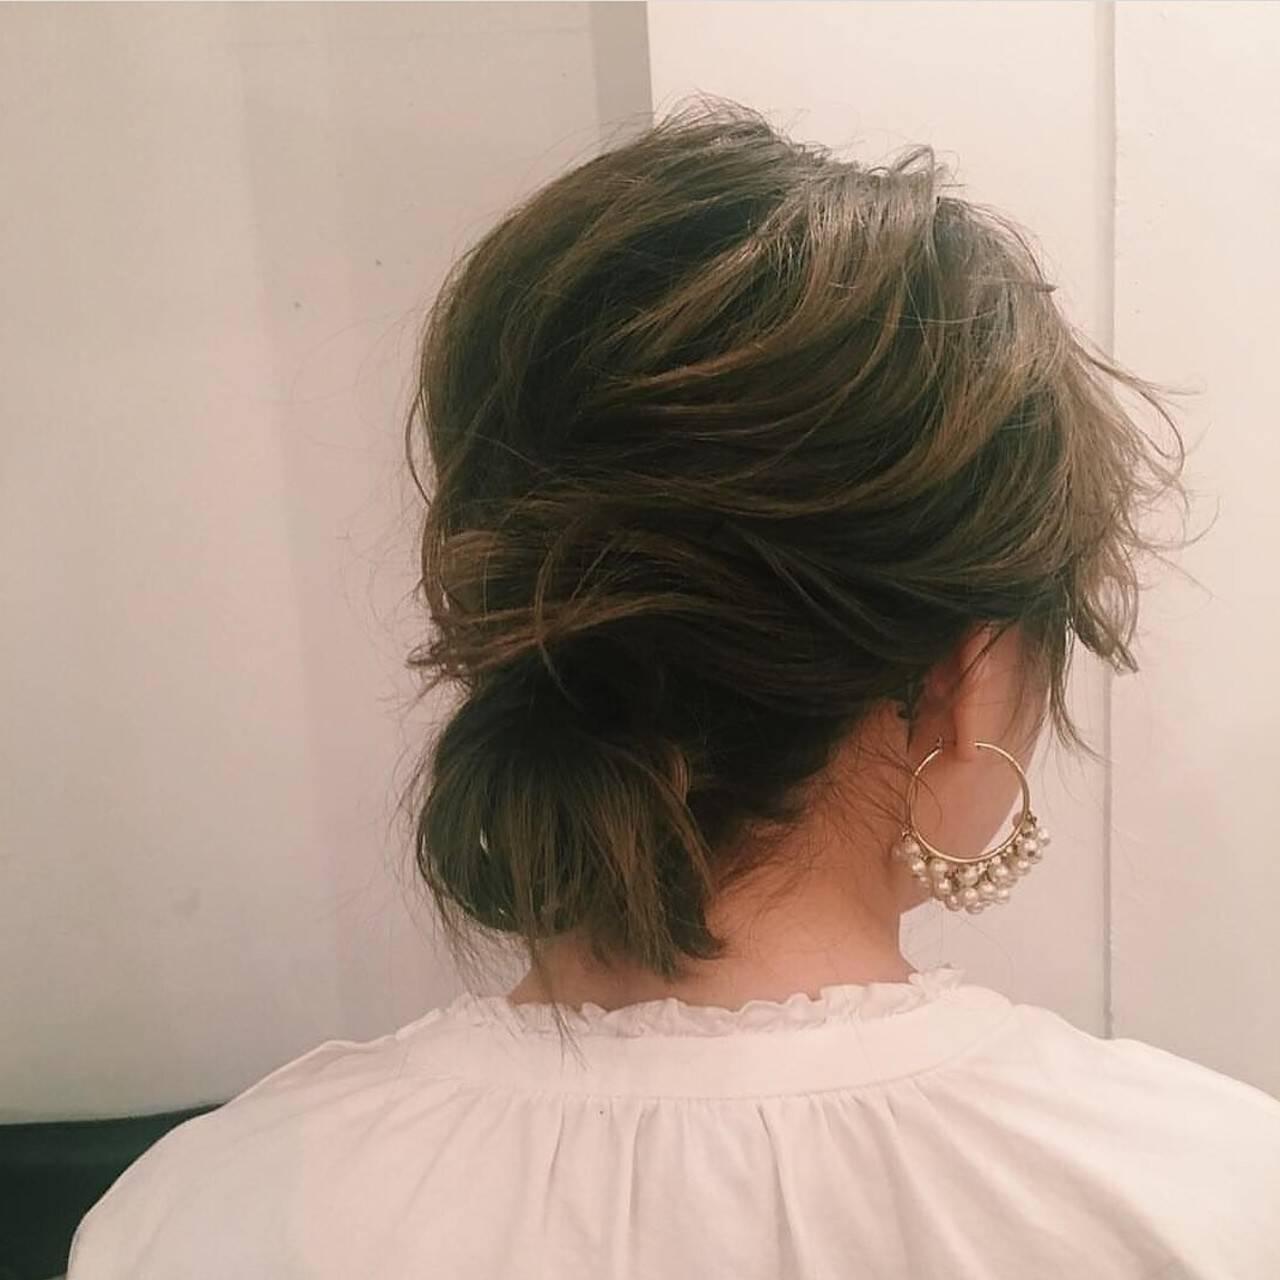 ヘアアレンジ 透明感 オリーブアッシュ ロングヘアスタイルや髪型の写真・画像